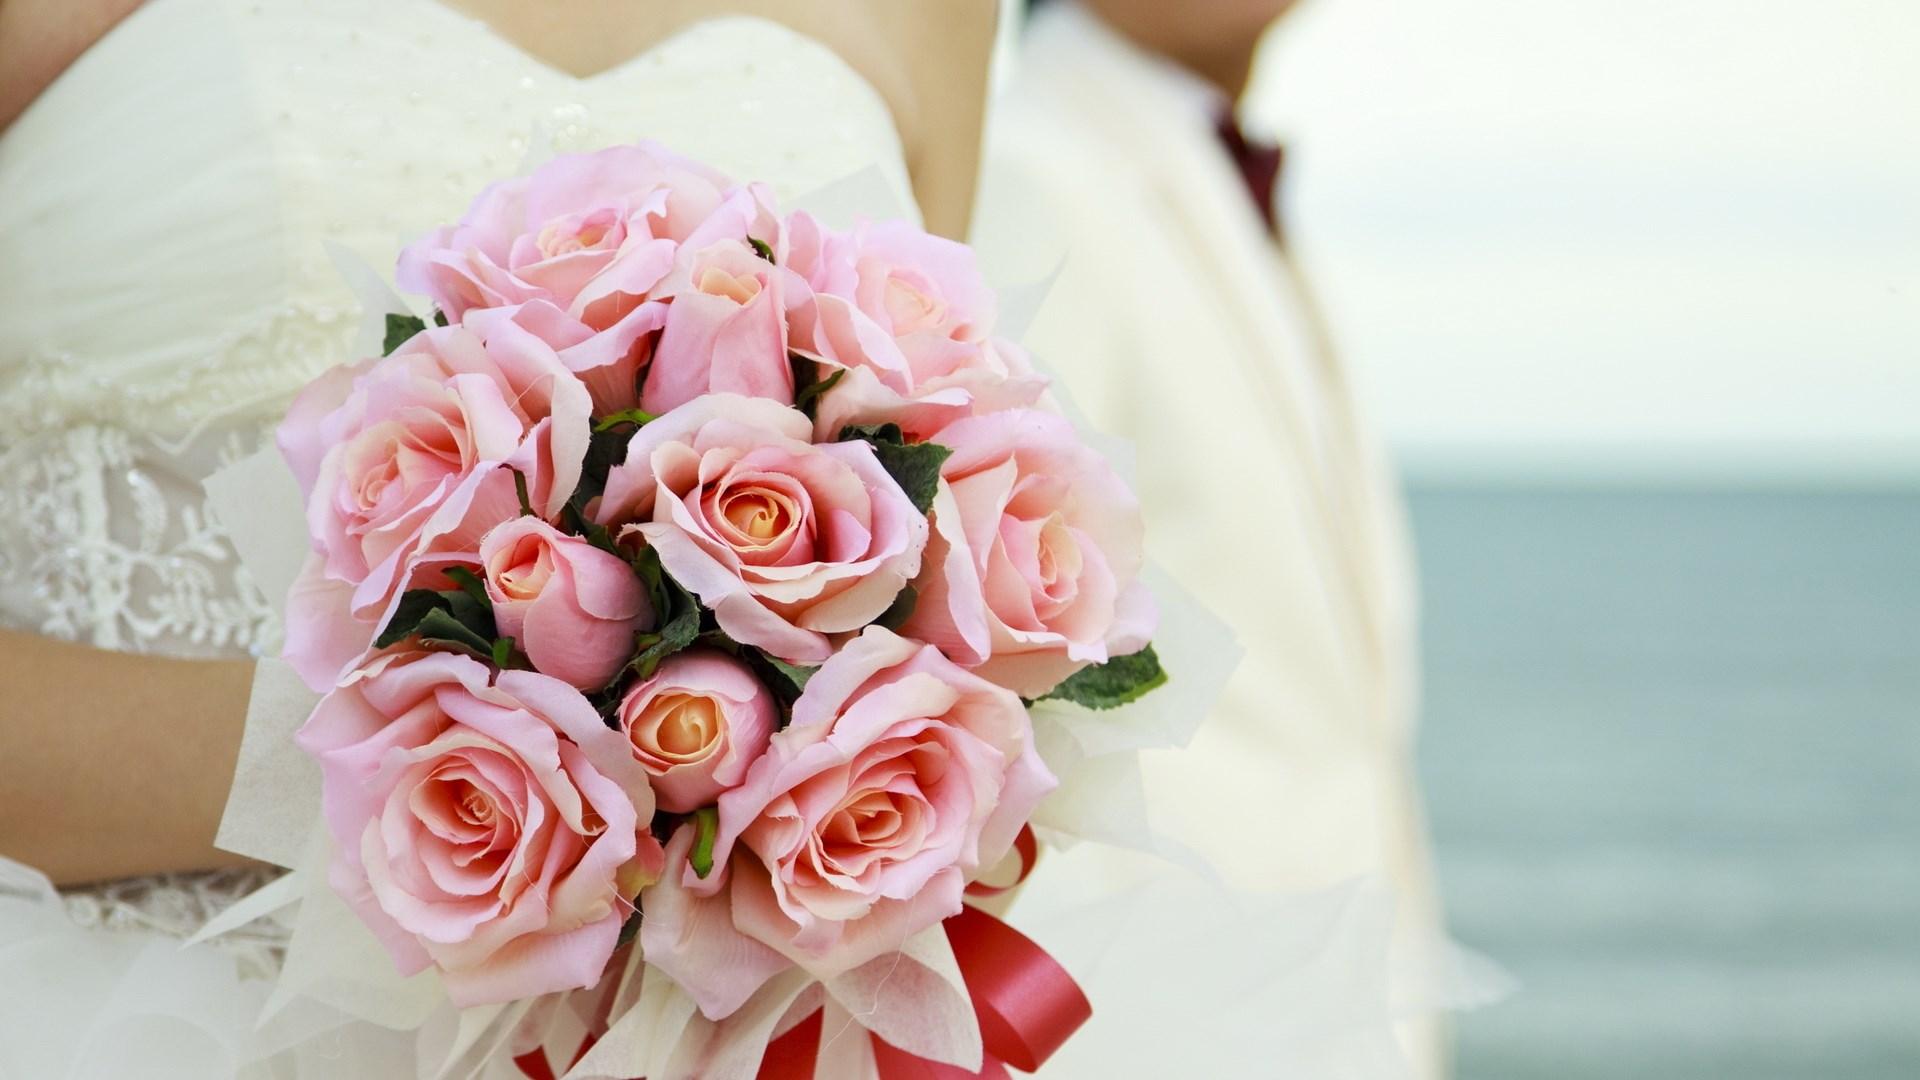 roses-wedding-bouquet-wallpaper-1